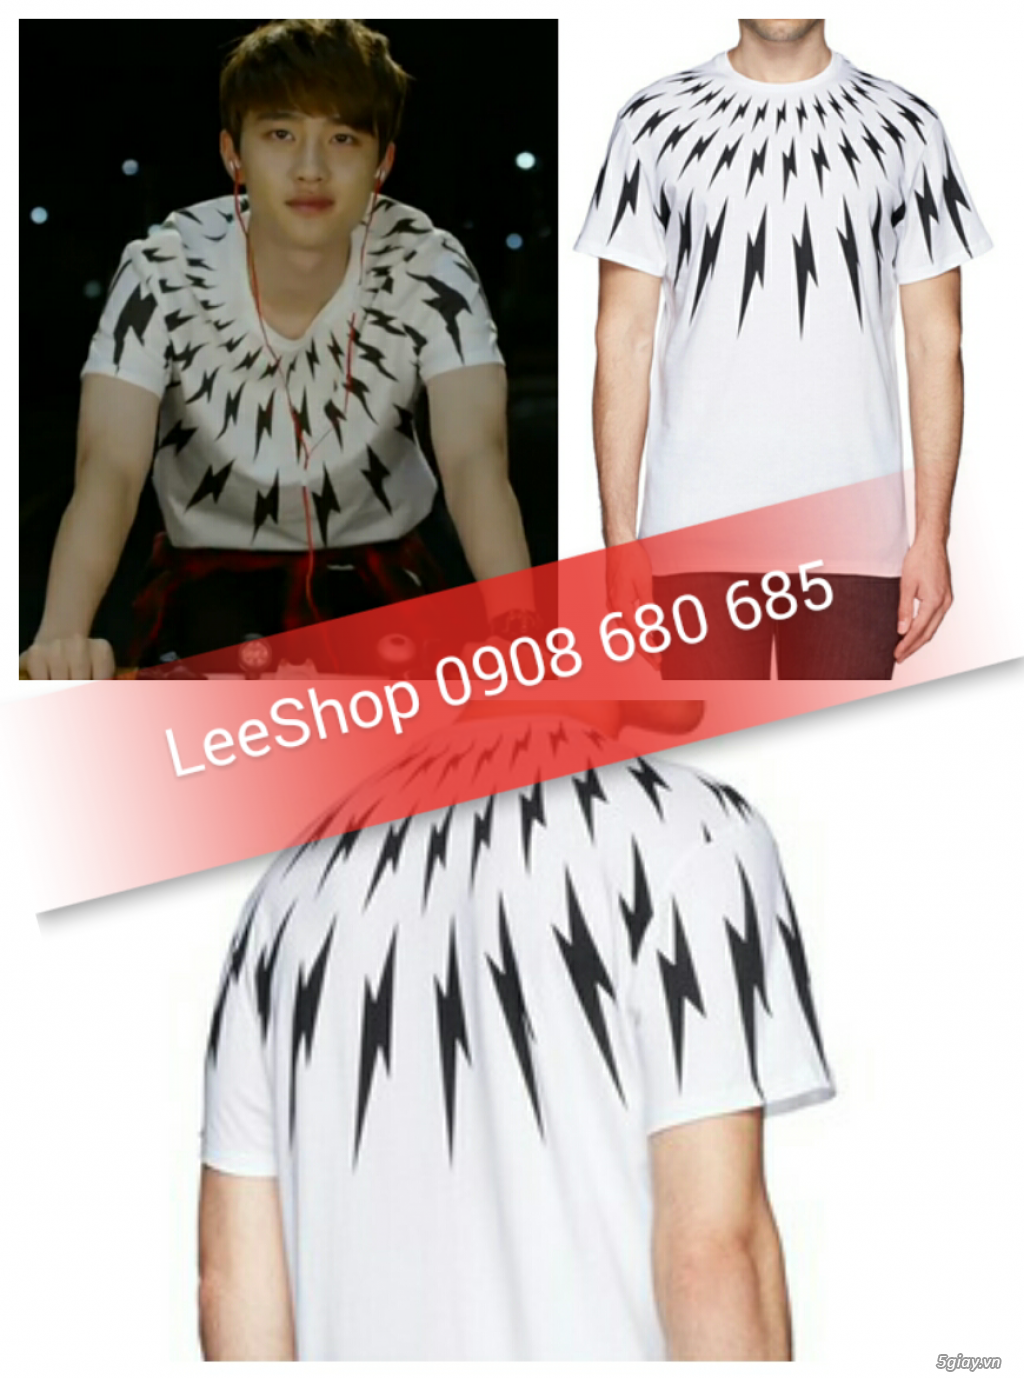 LeeShop_Chuyên quần áo thời trang - 24